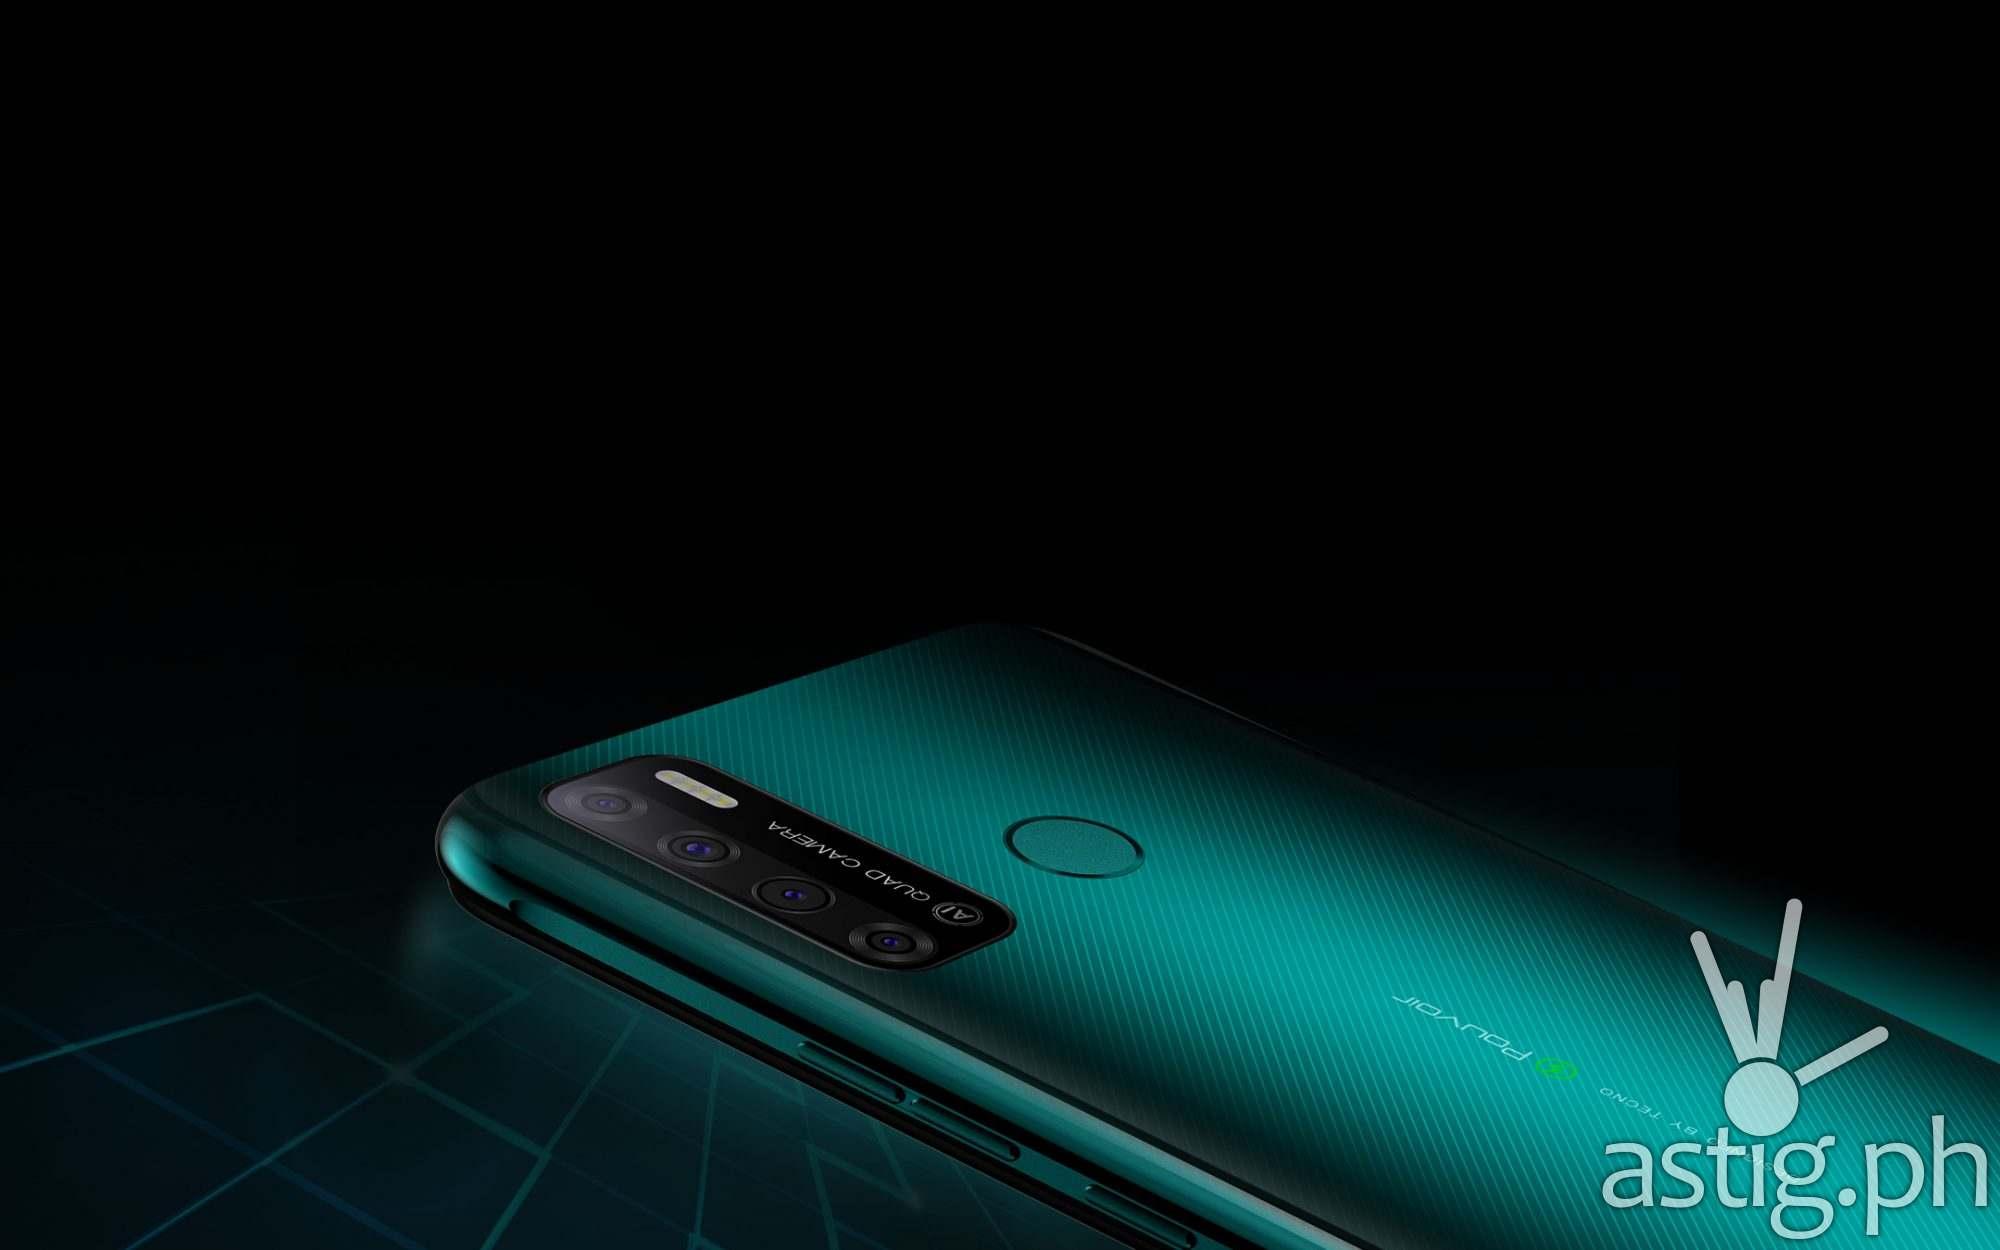 TECNO Mobile Pouvoir 4 Pro